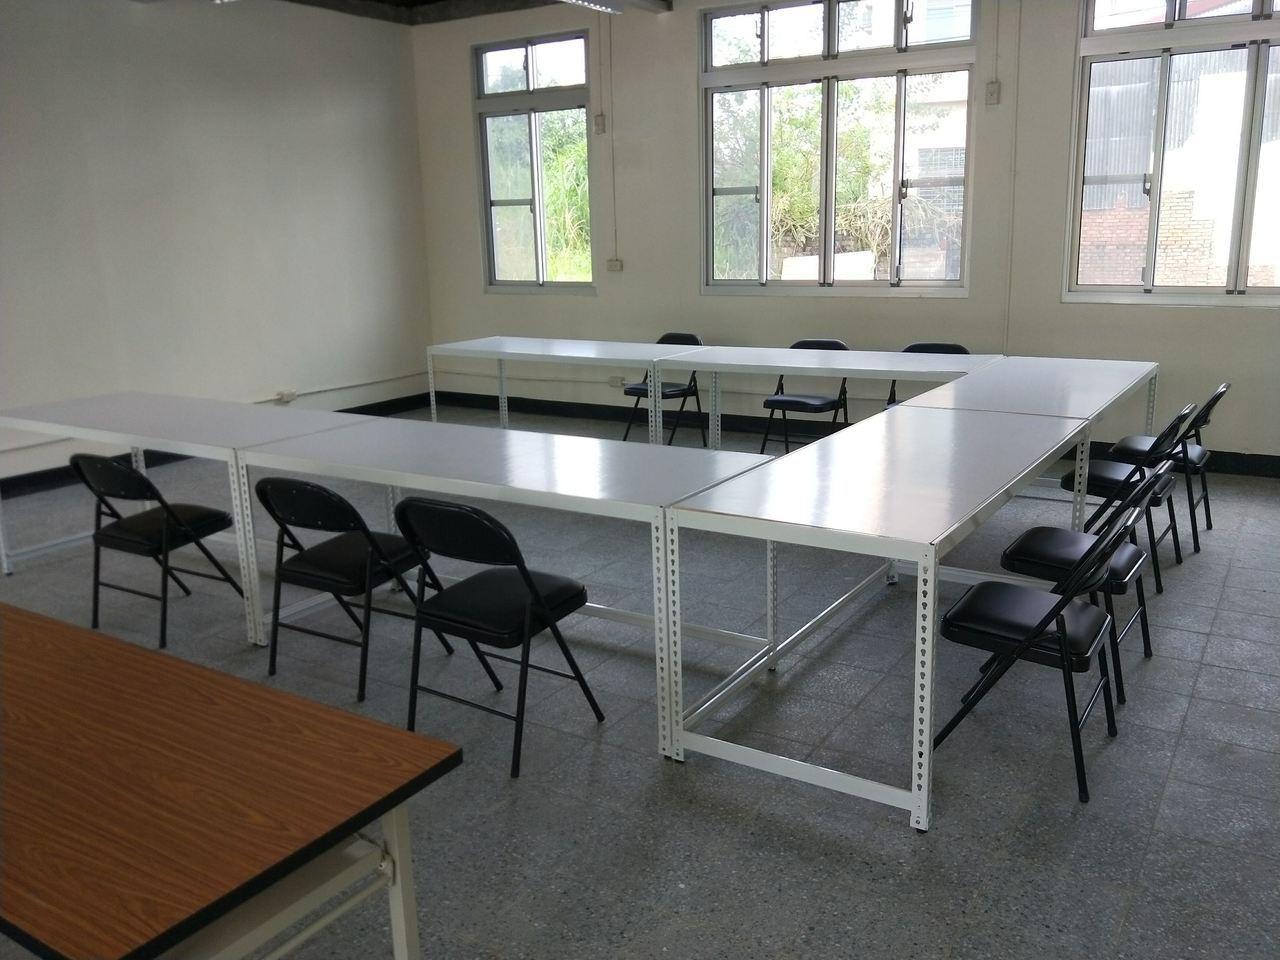 橫山共創基地規畫大、小會議室、及6到8人的討論室,全部免費提供借用。圖/高雄市都...